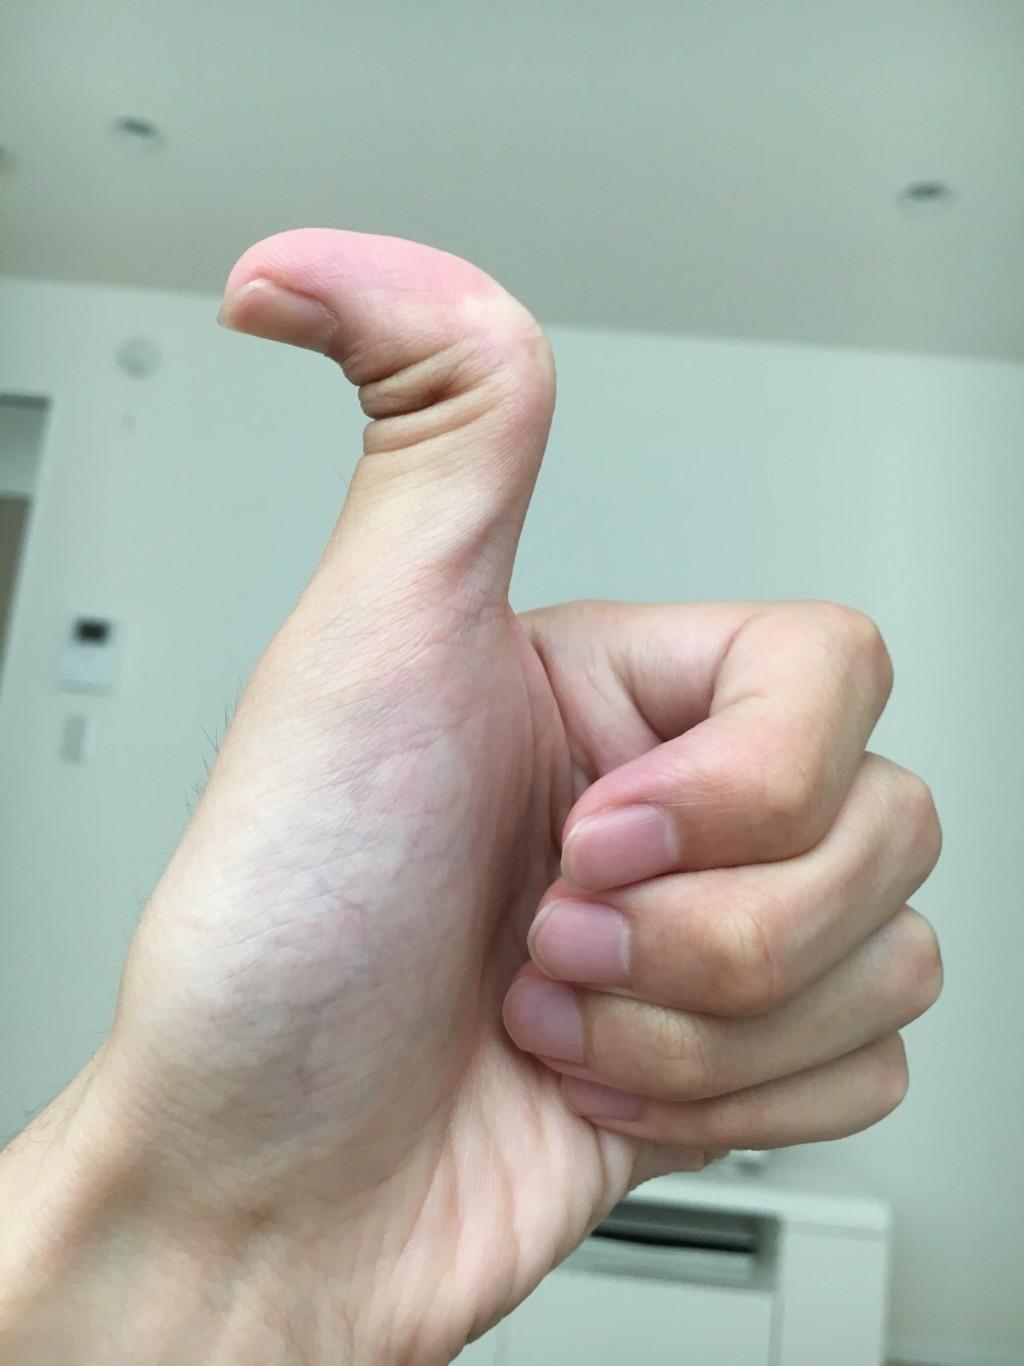 網友分享「沒人羨慕但自己超得意」的特殊技能 他最後「只點開手機」就完勝全場!